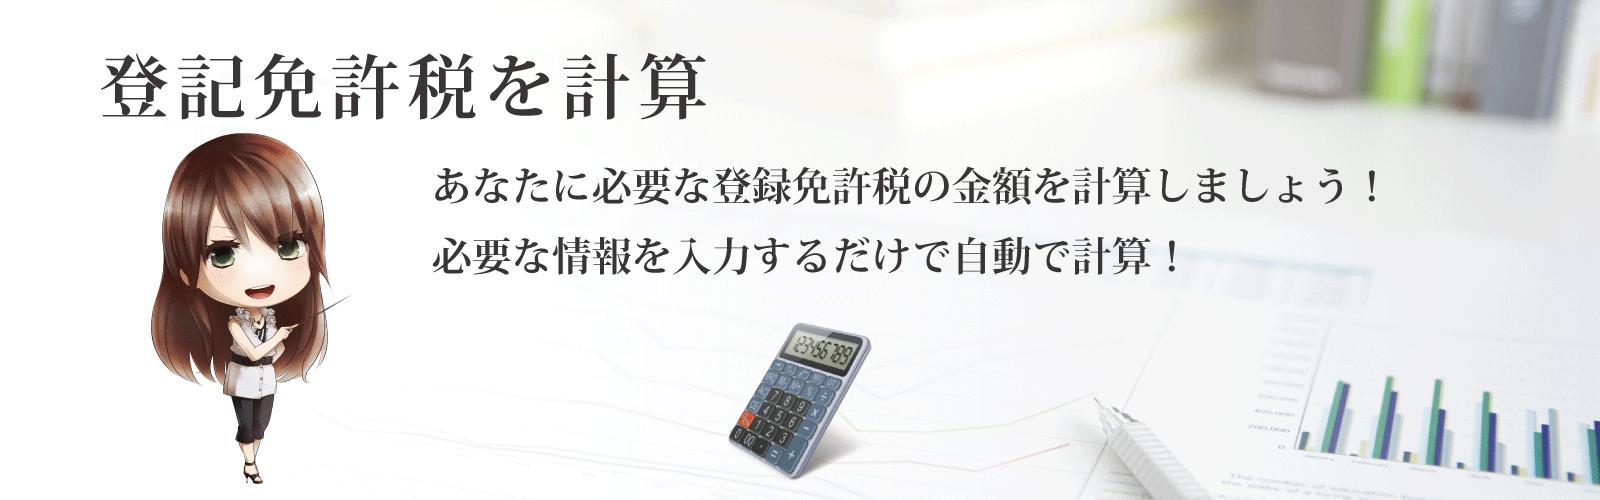 免許 計算 登録 税